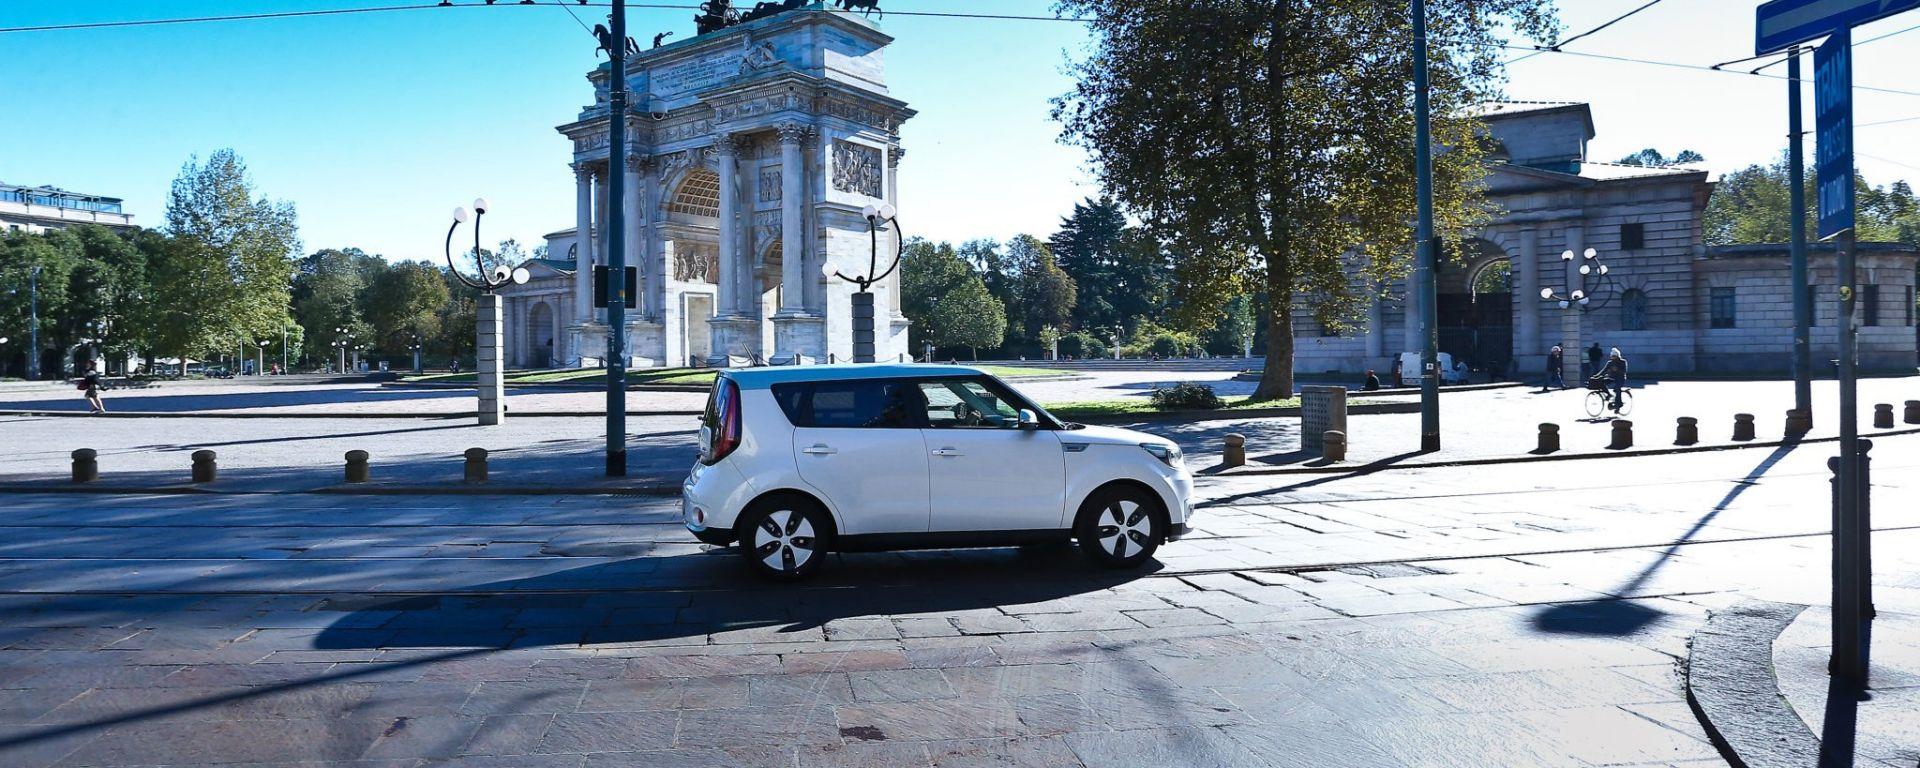 Auto Diesel Al Bando Cosa Succedera In Italia La Lezione Di Londra